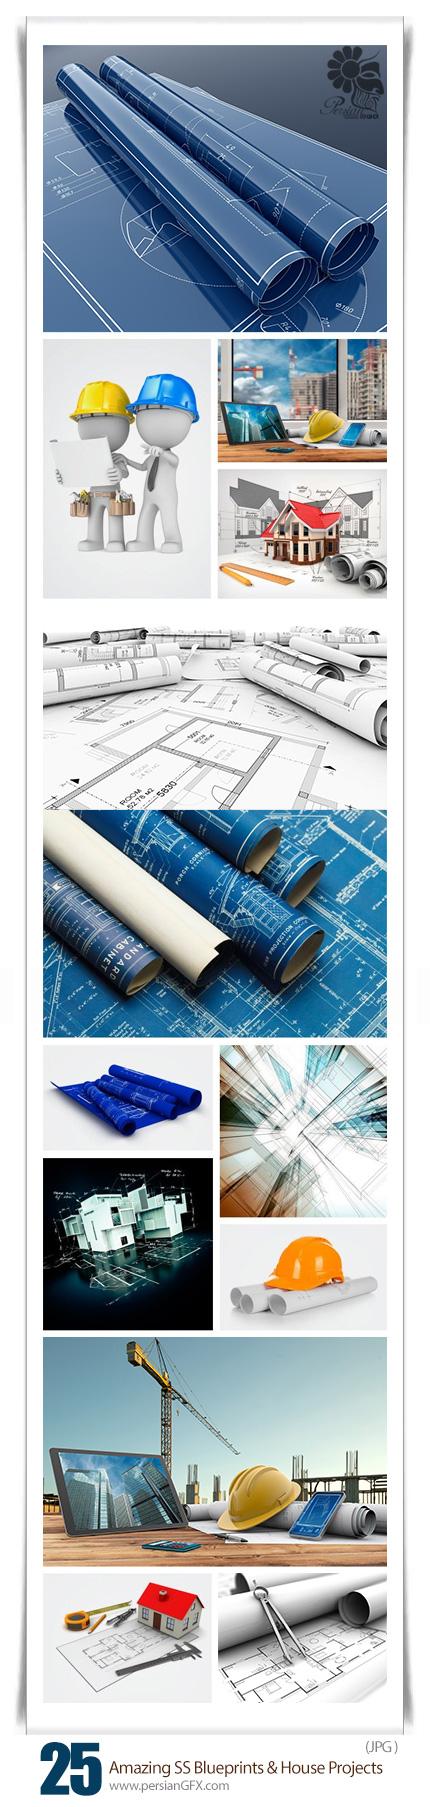 دانلود تصاویر با کیفیت نقشه و پروژه های آماده ساختمان از شاتر استوک - Amazing ShutterStock Blueprints And House Projects